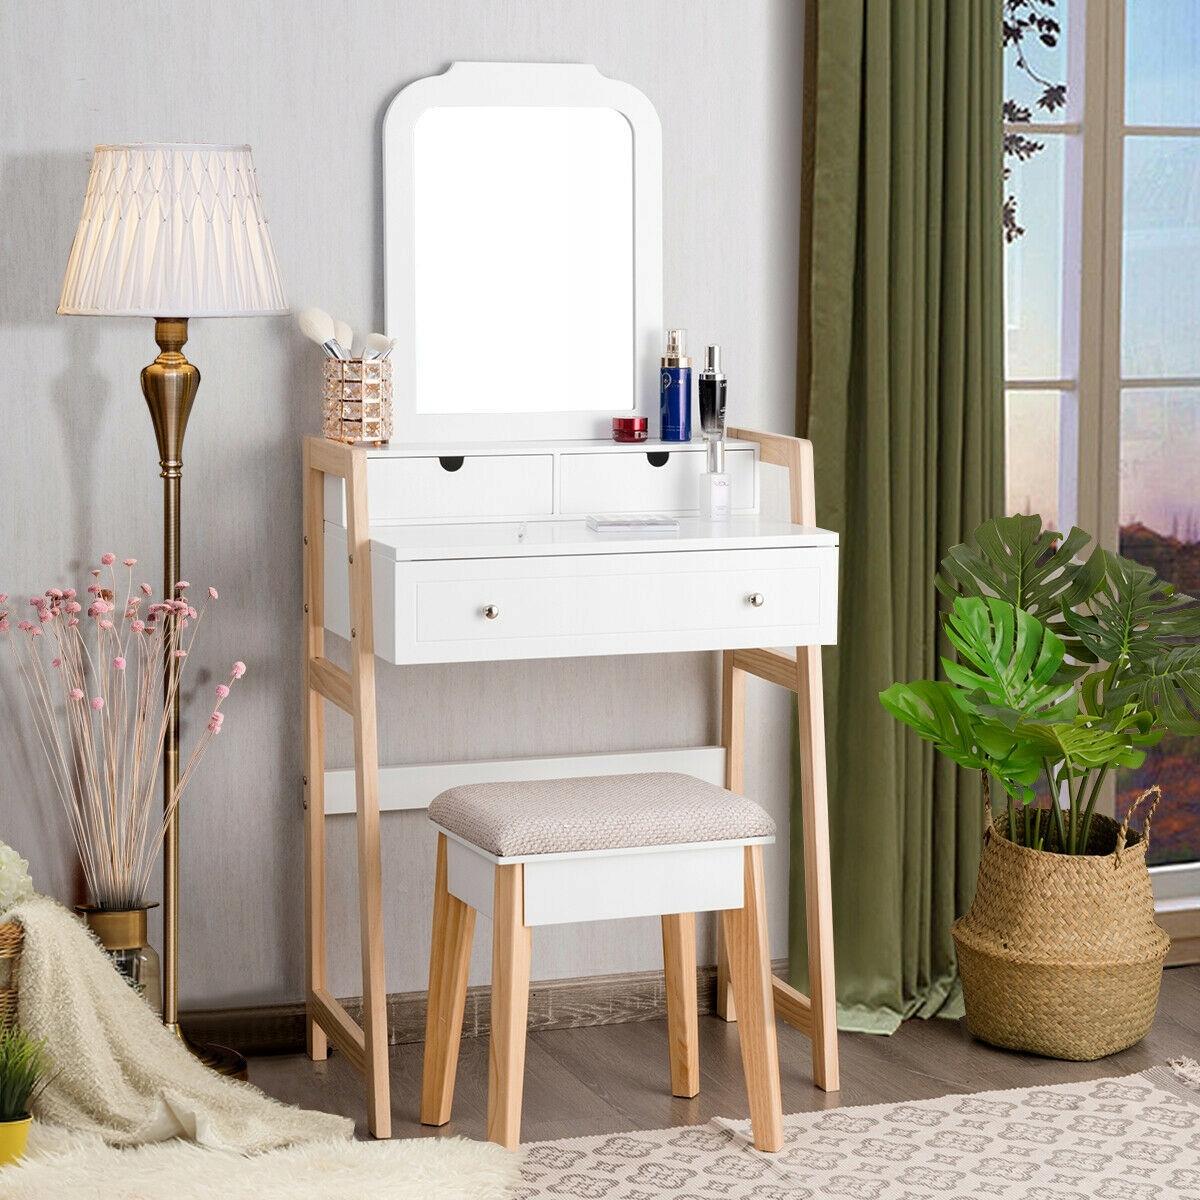 Туалетный столик COSMETIC с зеркалом новый дизайн Количество ящиков 1